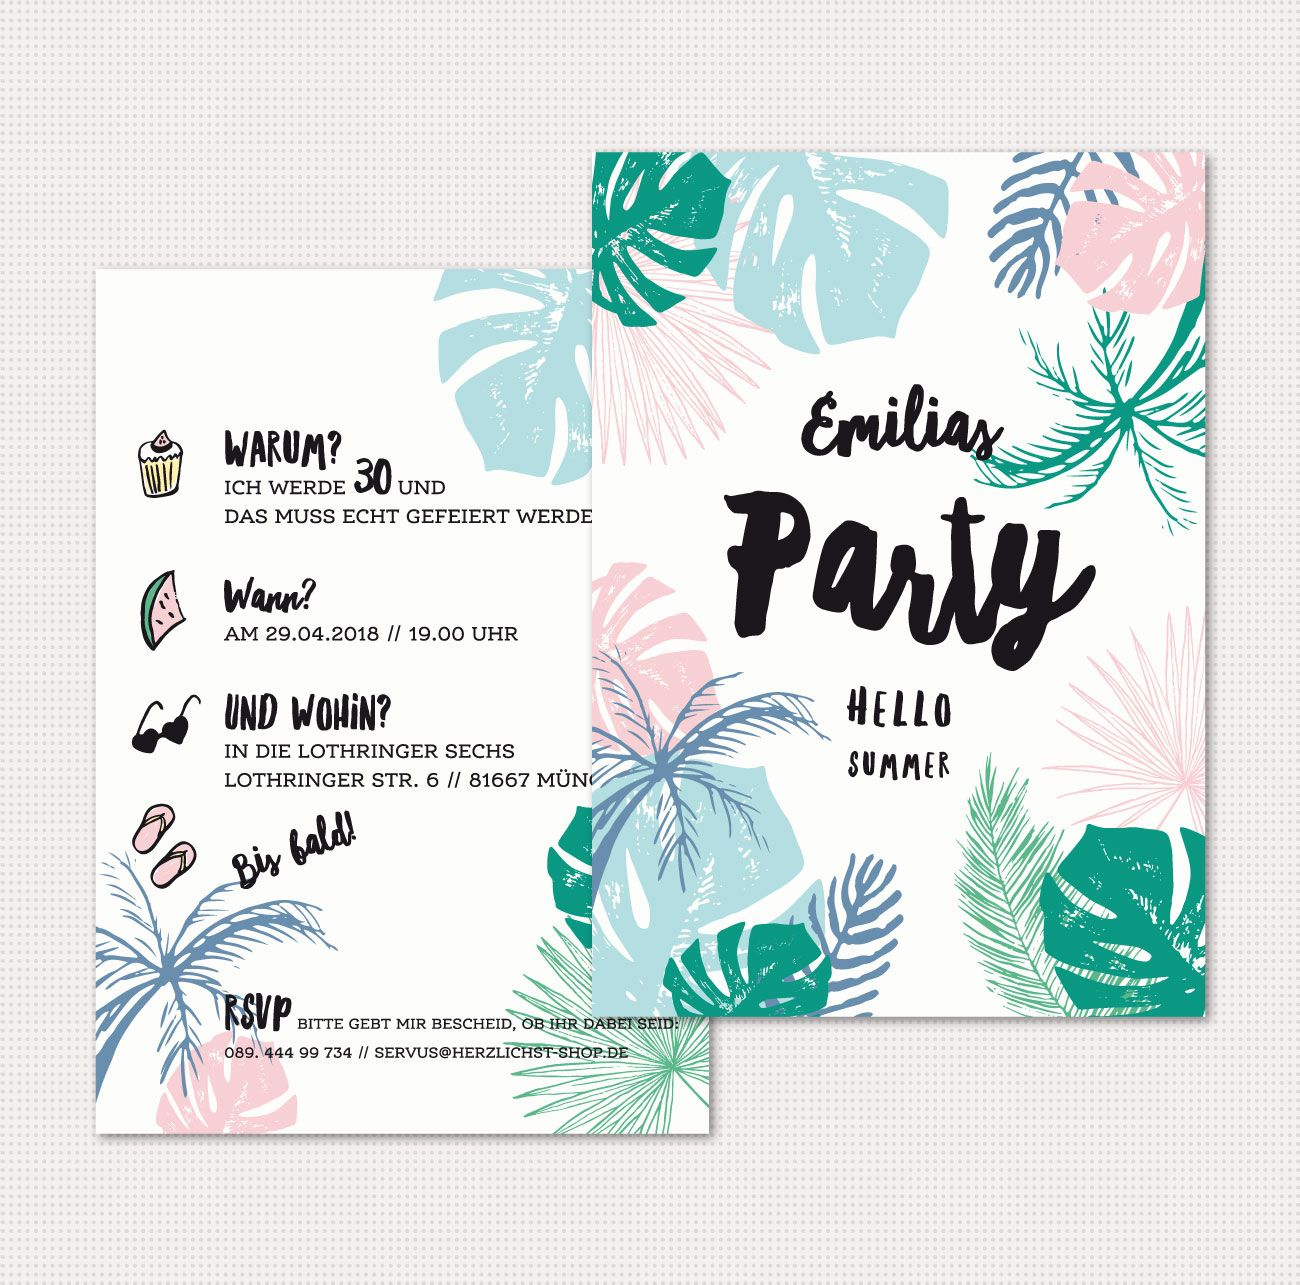 Einladung Geburtstagskarten Hello Summer Geburtstagskarten Hello Summer Geburtstagsplakat Jungle Geburtstagskarte Einladung Geburtstag Basteln Einladungen